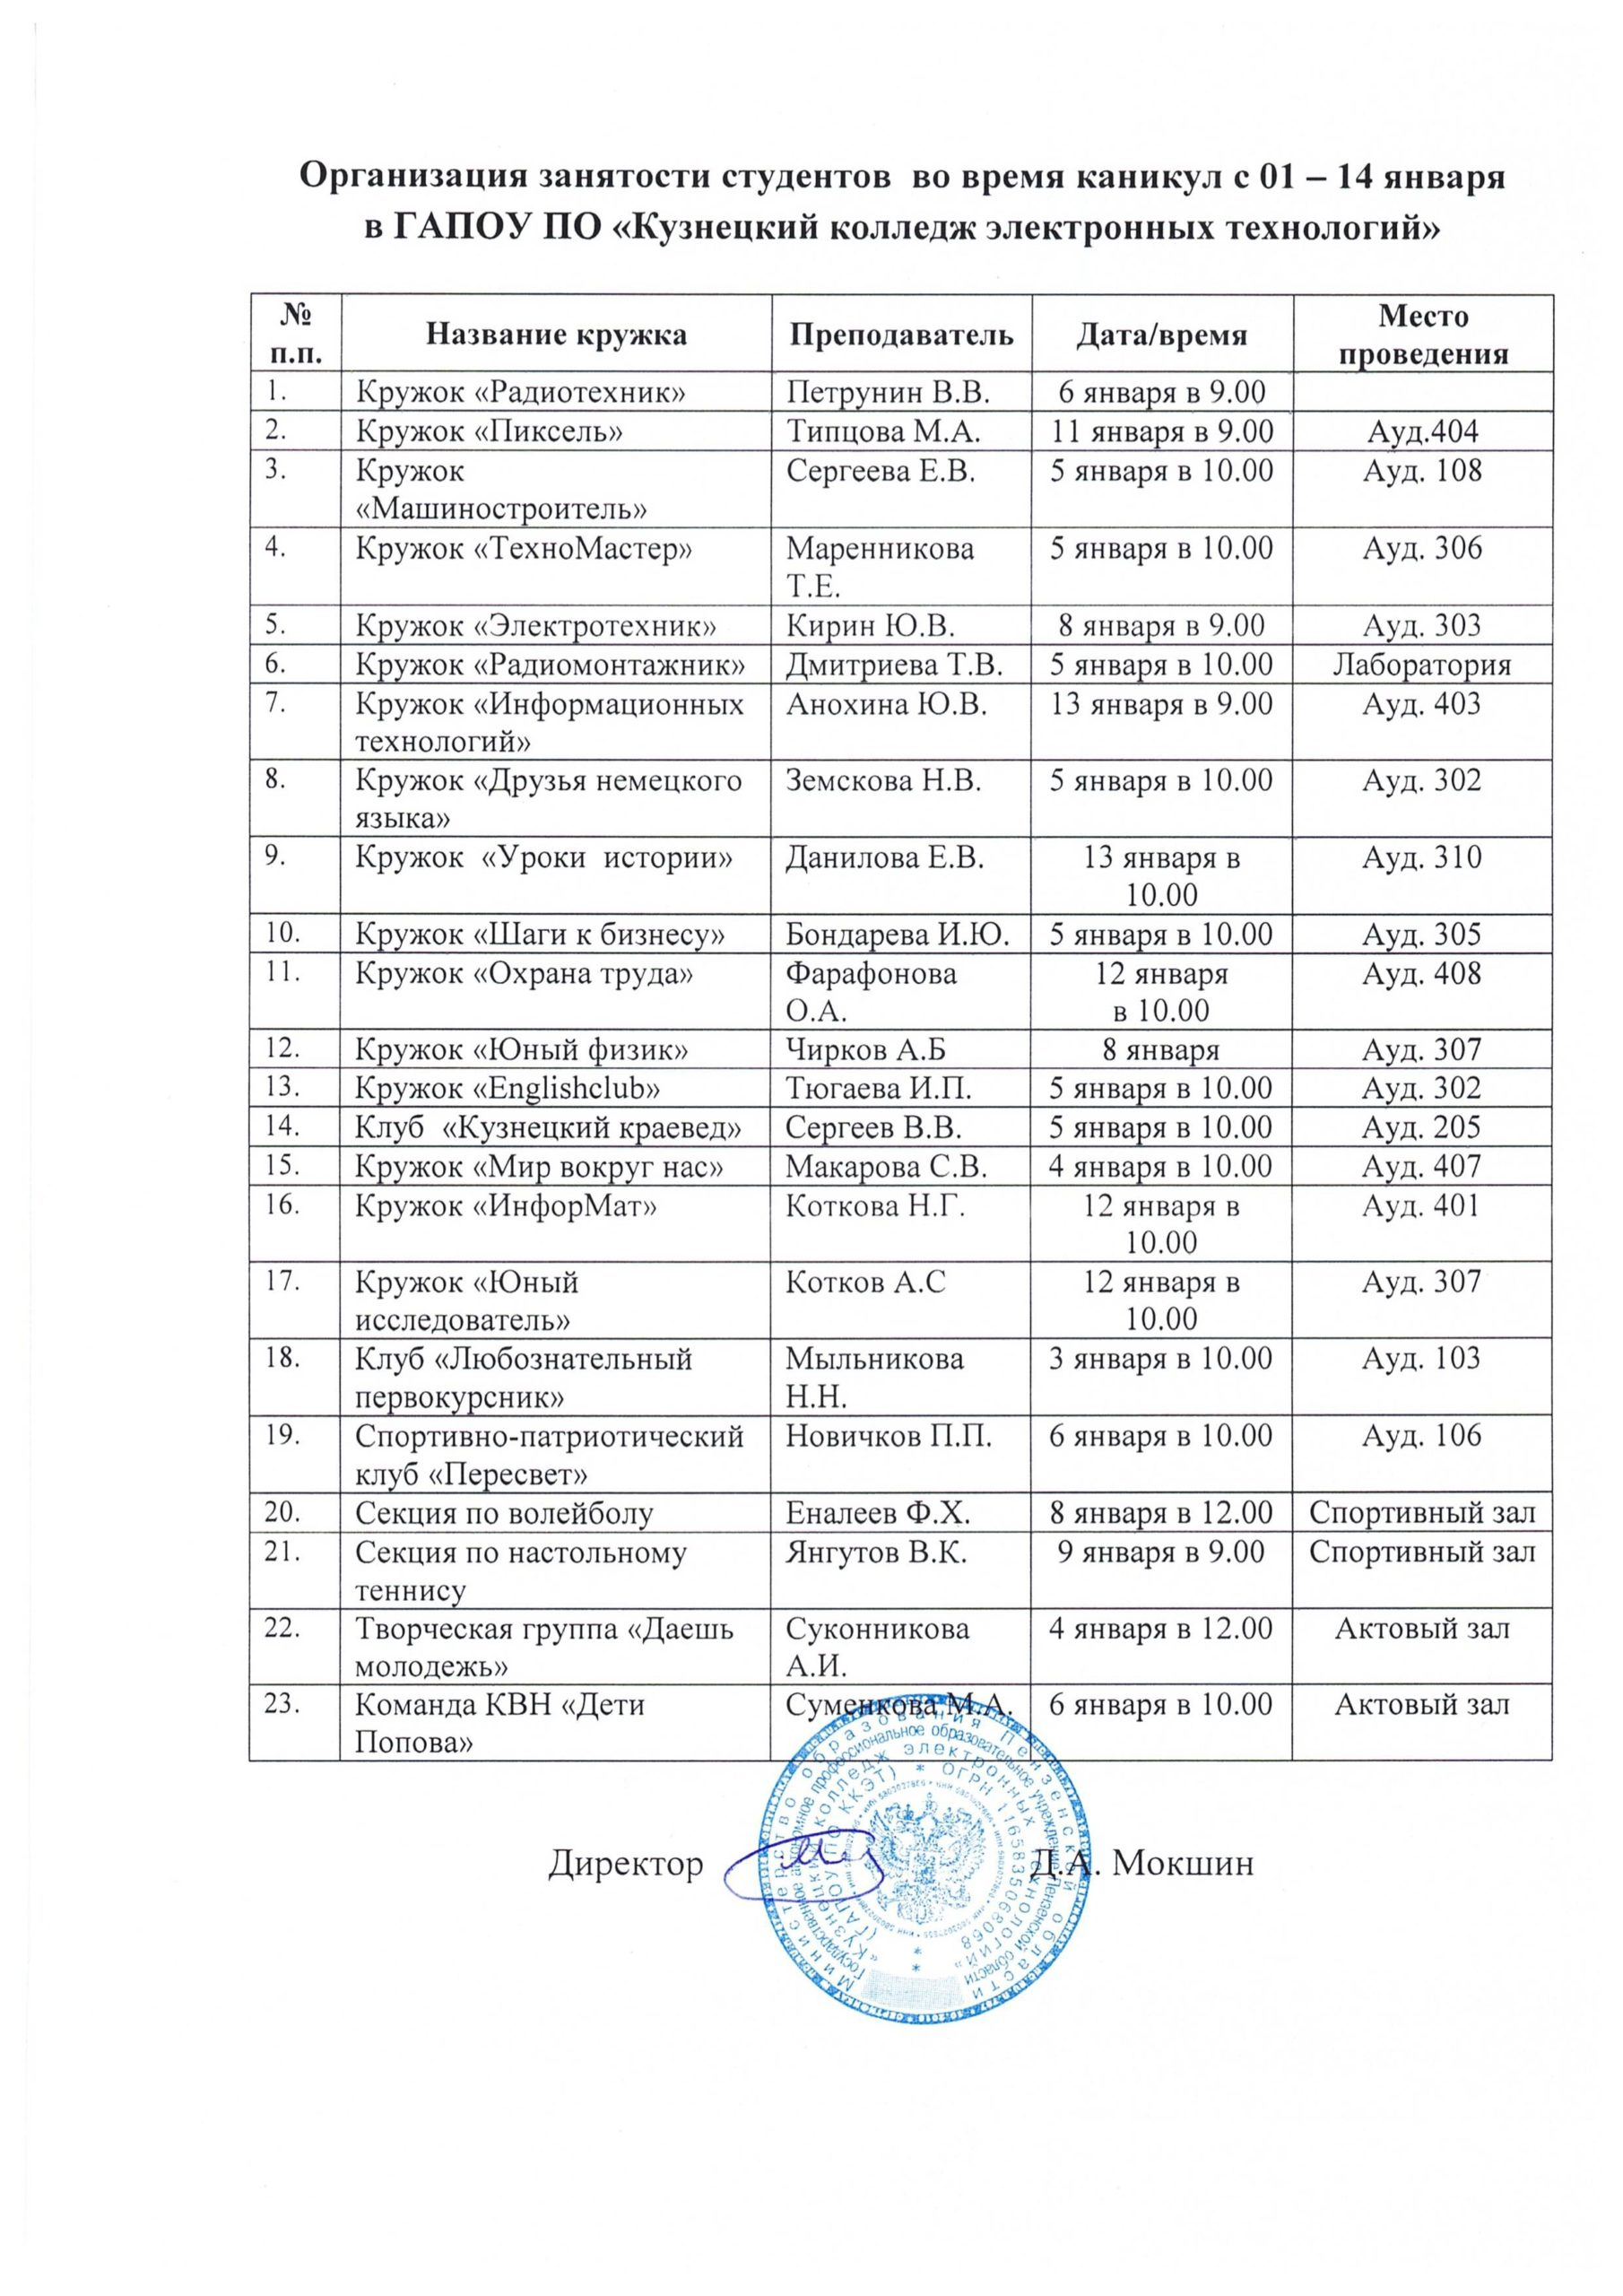 Занятость студентов с 01 по 14 января